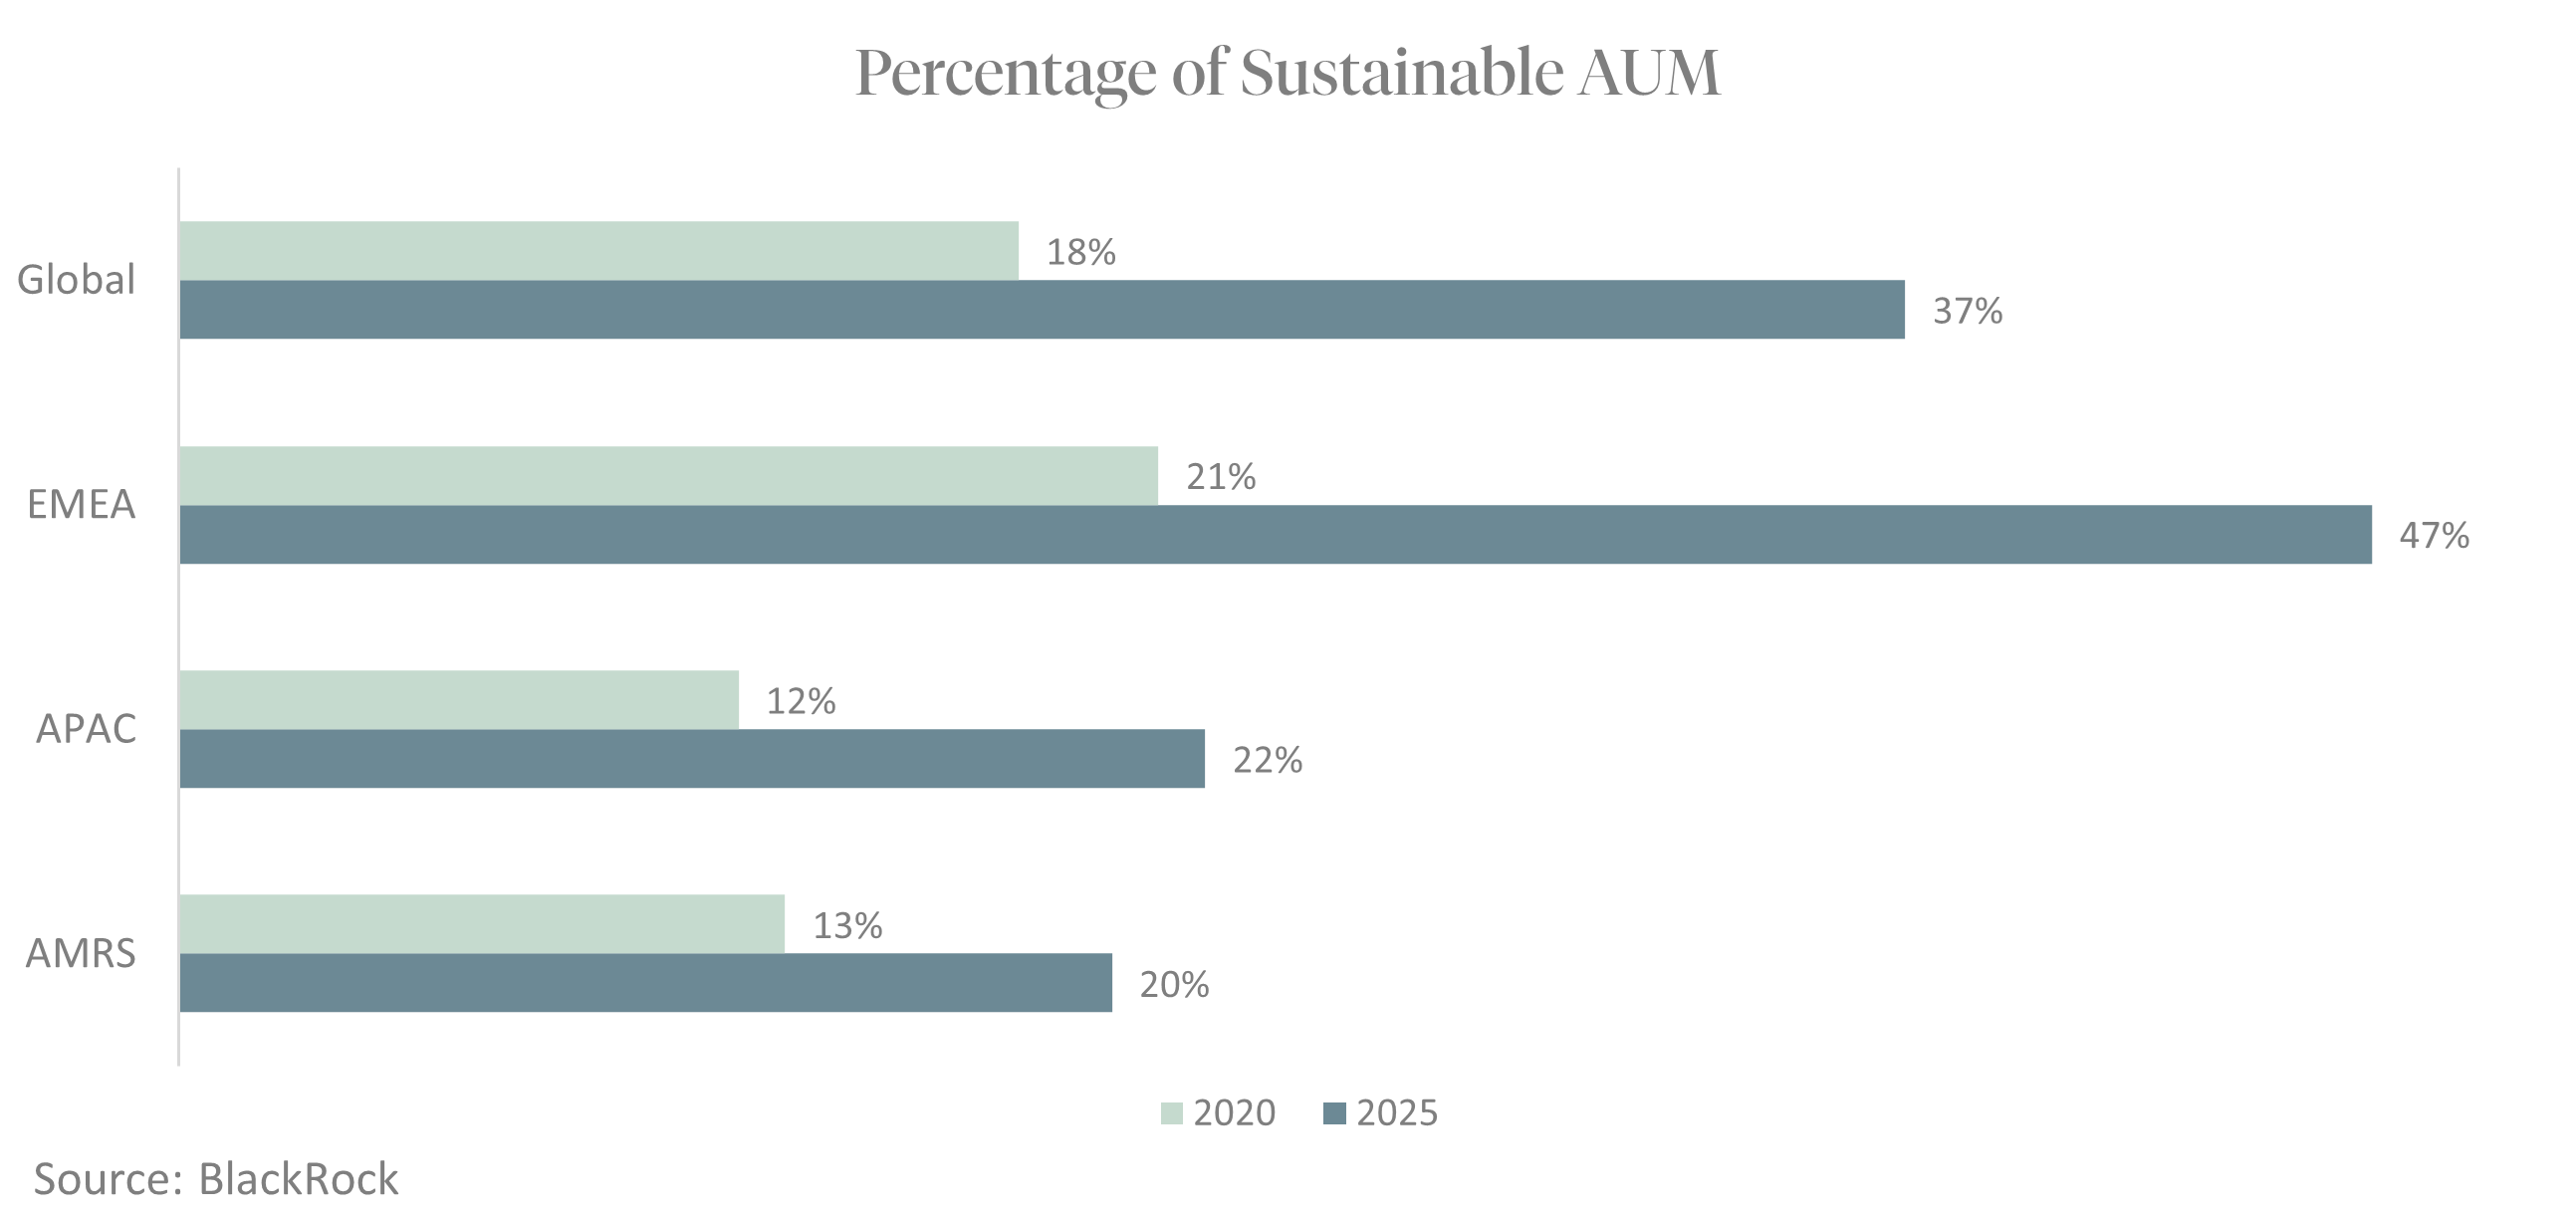 Percentage of Sustainable AUM